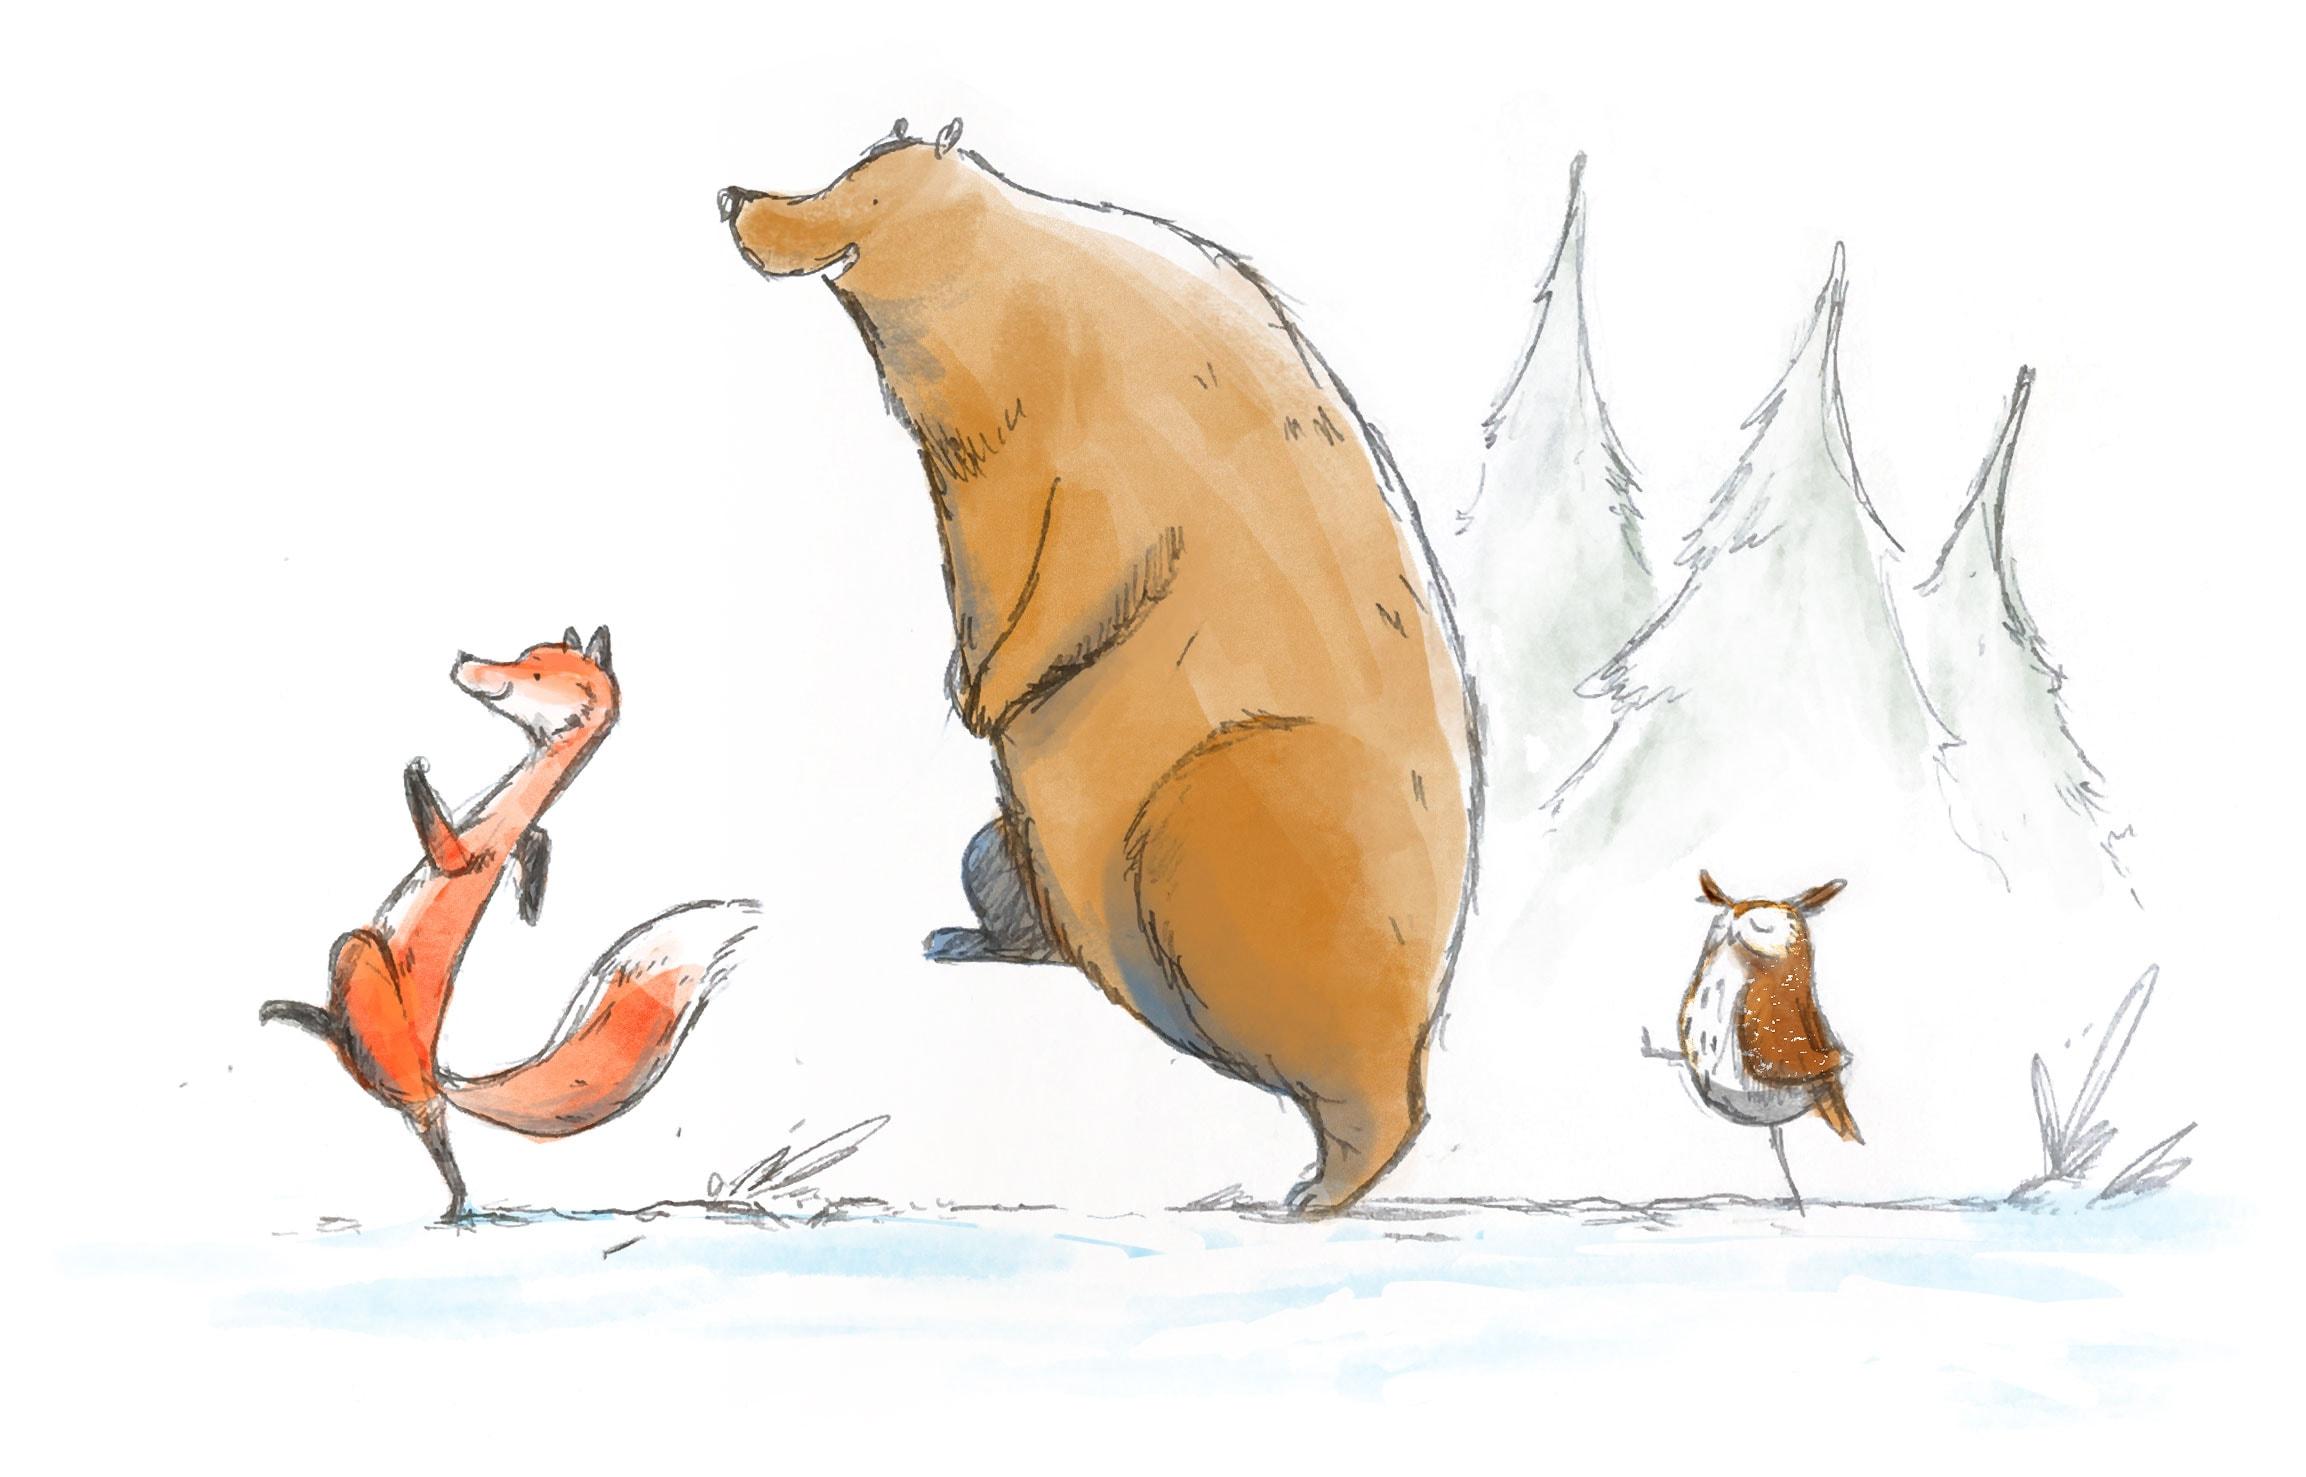 A fox, a bear and an owl go on an adventure